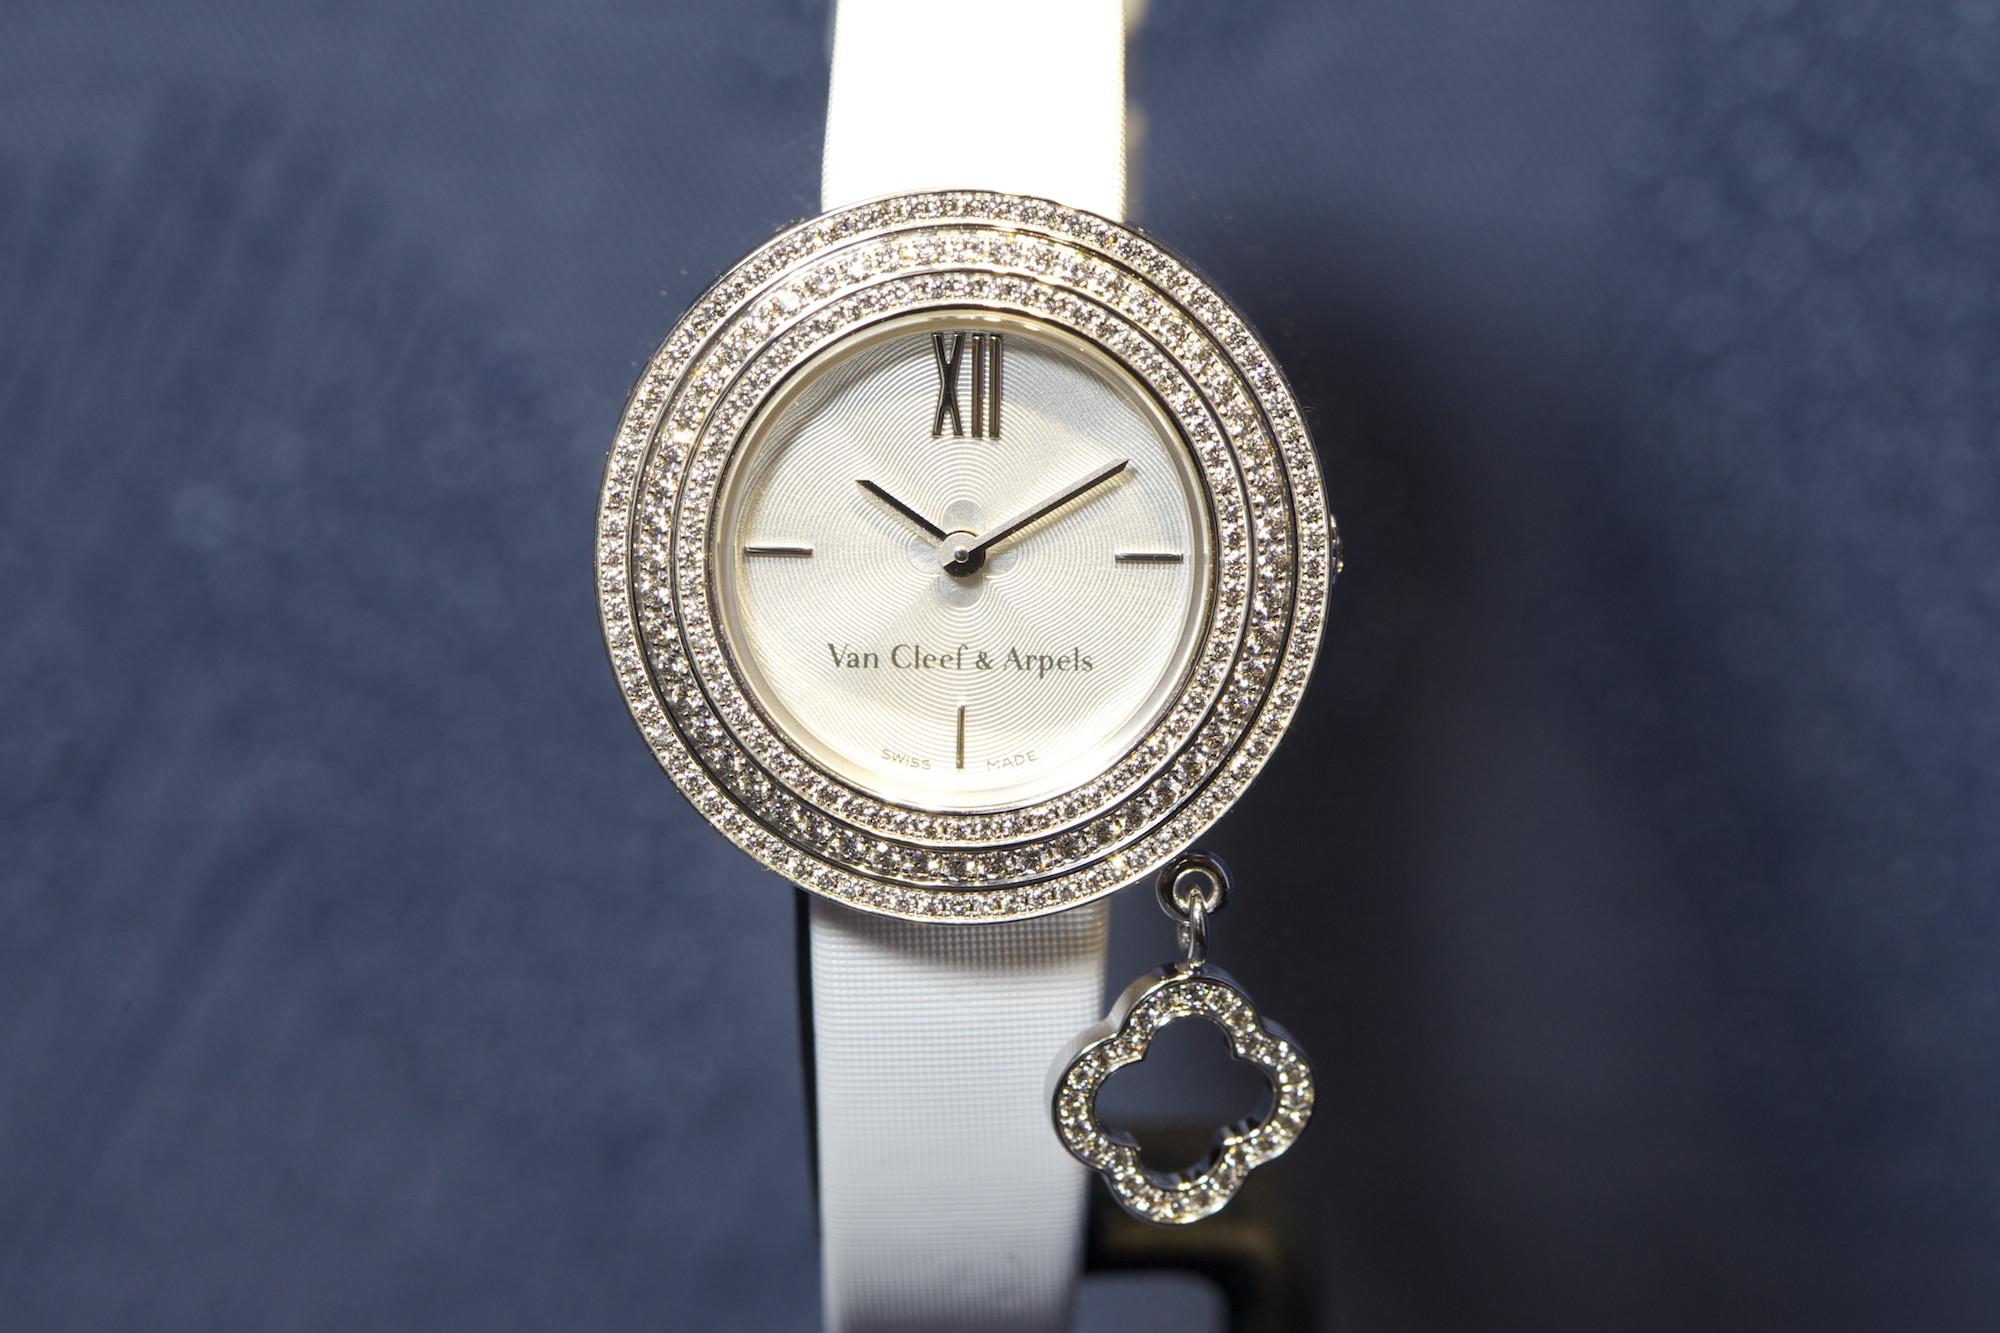 Van Cleef & Arpels Charms Diamond